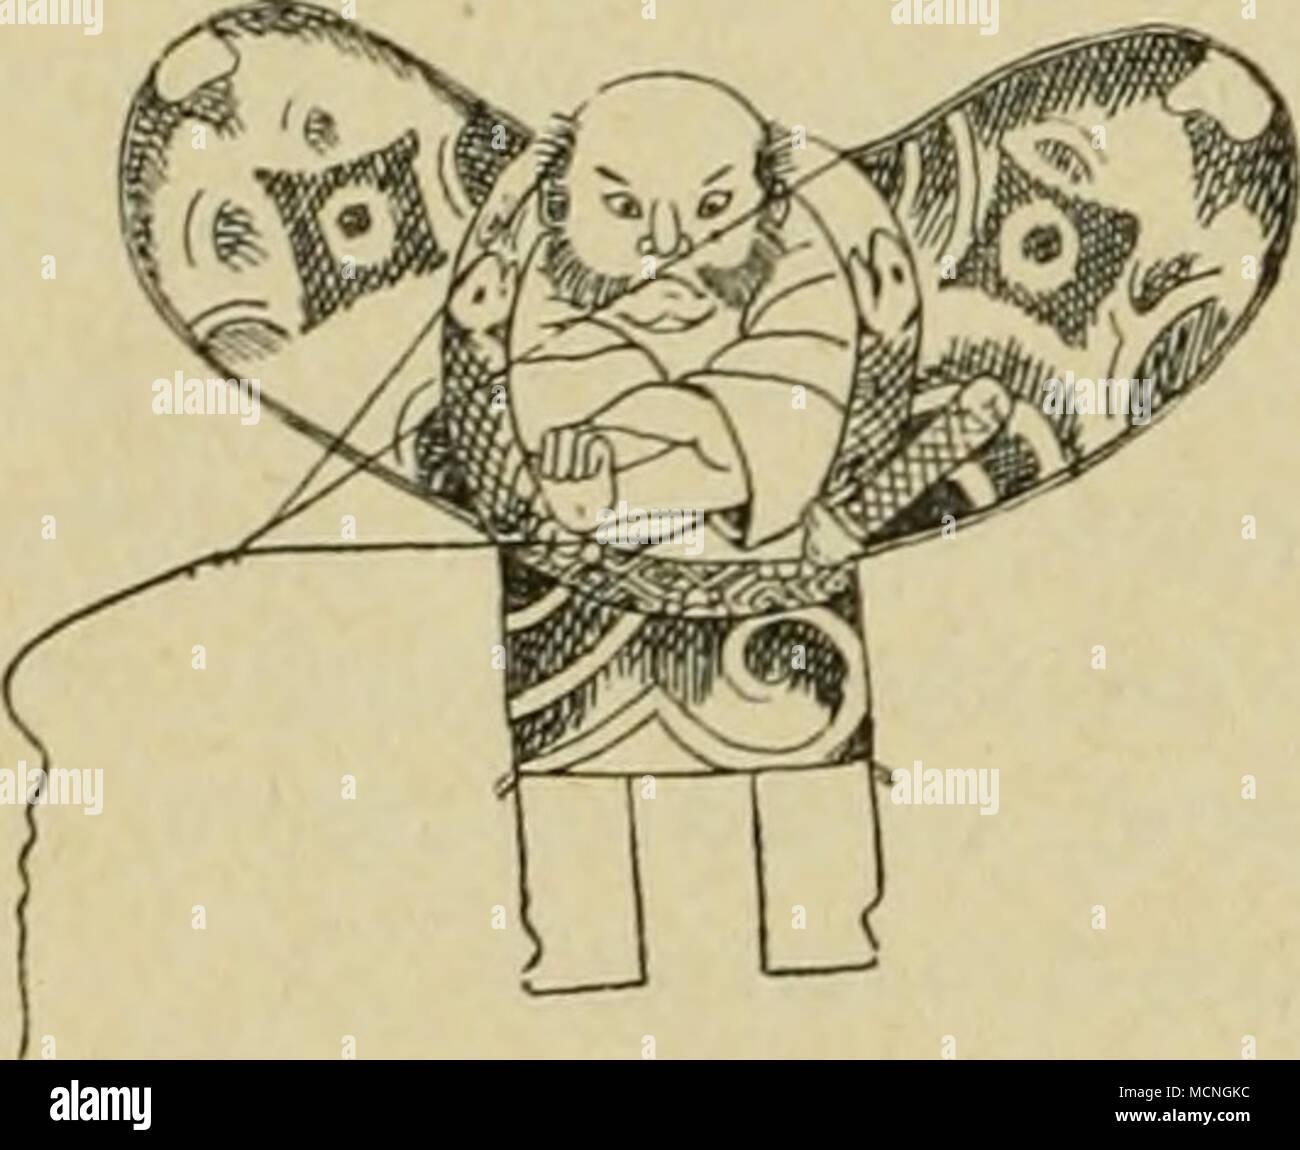 """. Kinder-Spielzeug """"omocha"""". Der Grund, warum kein Kinder-Spielzeug in der Sammlung vertreten, ist der, dass diese geringen, billigen Machenschaften meist aus neuem Bambus erstellt und infolgedessen dem Wurmfrass und überhaupt leichter Zerstörung unterworfen sind. Im Wesentlichen sind es folgende Gegenstände aus Bambus: Drachen mit Schwirrsaite """" tako to unari"""" (Fig. 20, Nr. 1412), Steckenpferd """"take-uma"""" (Fig. 21), Käferkäfige """" mushi-kagott, Schwir- bel """" tonbo"""", Masken """"men"""", Hampelmann """" kakubei-jishi"""", Schleuderrohr (Bohnenflinte) """" mame-teppo"""", Spritzen Stock Photo"""